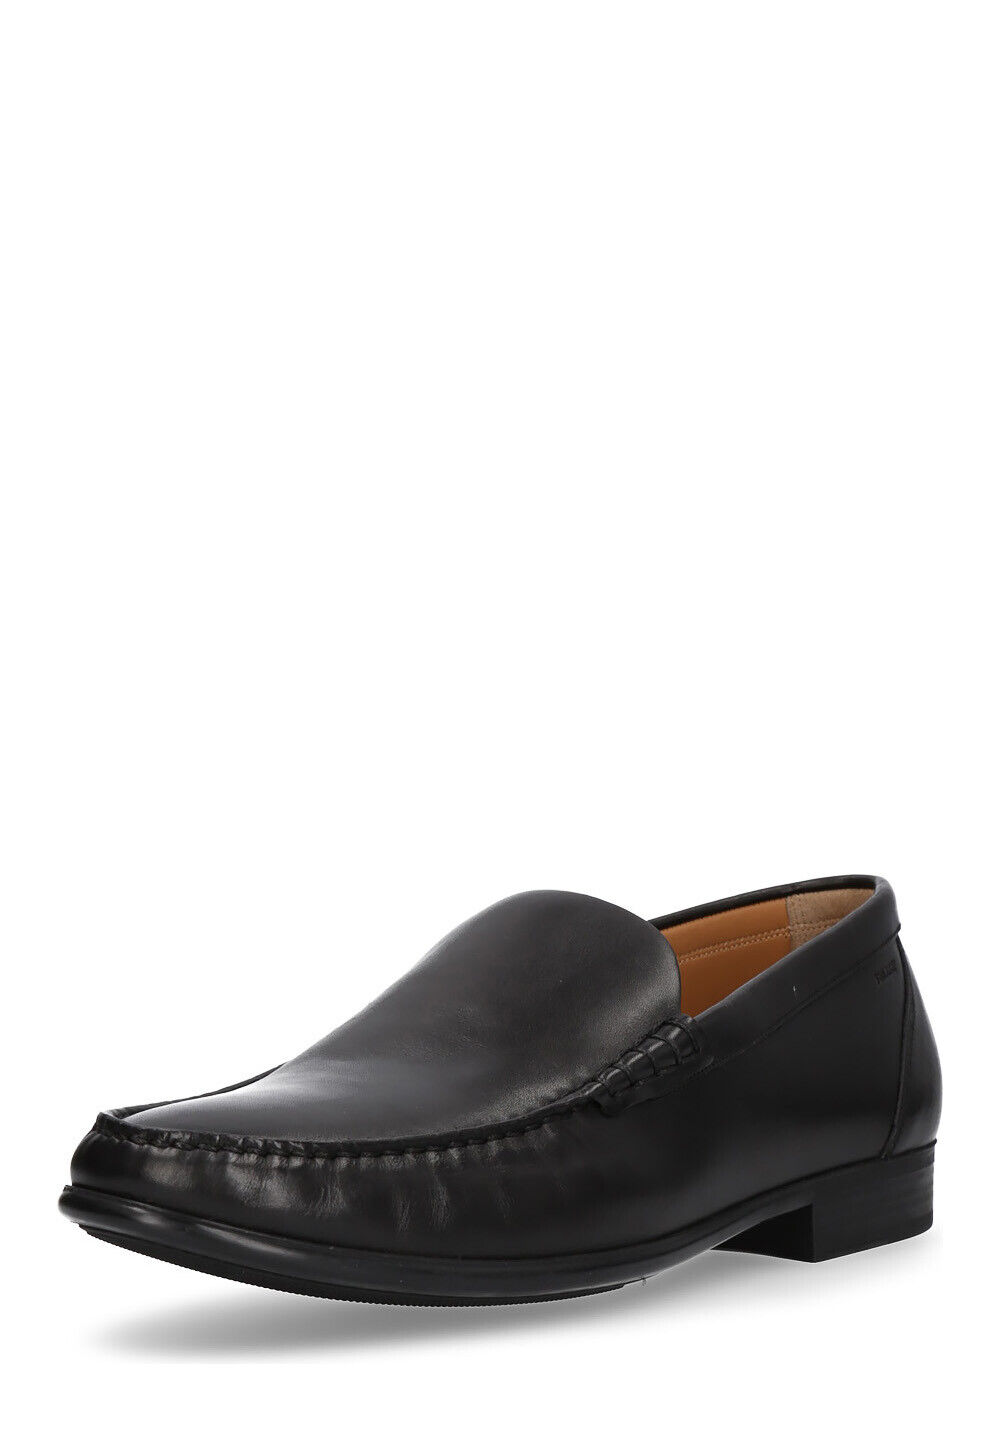 BALLY Herren Slipper Schuhe Mokassins Leder Halb Loafer bequem Größe 38 47.5